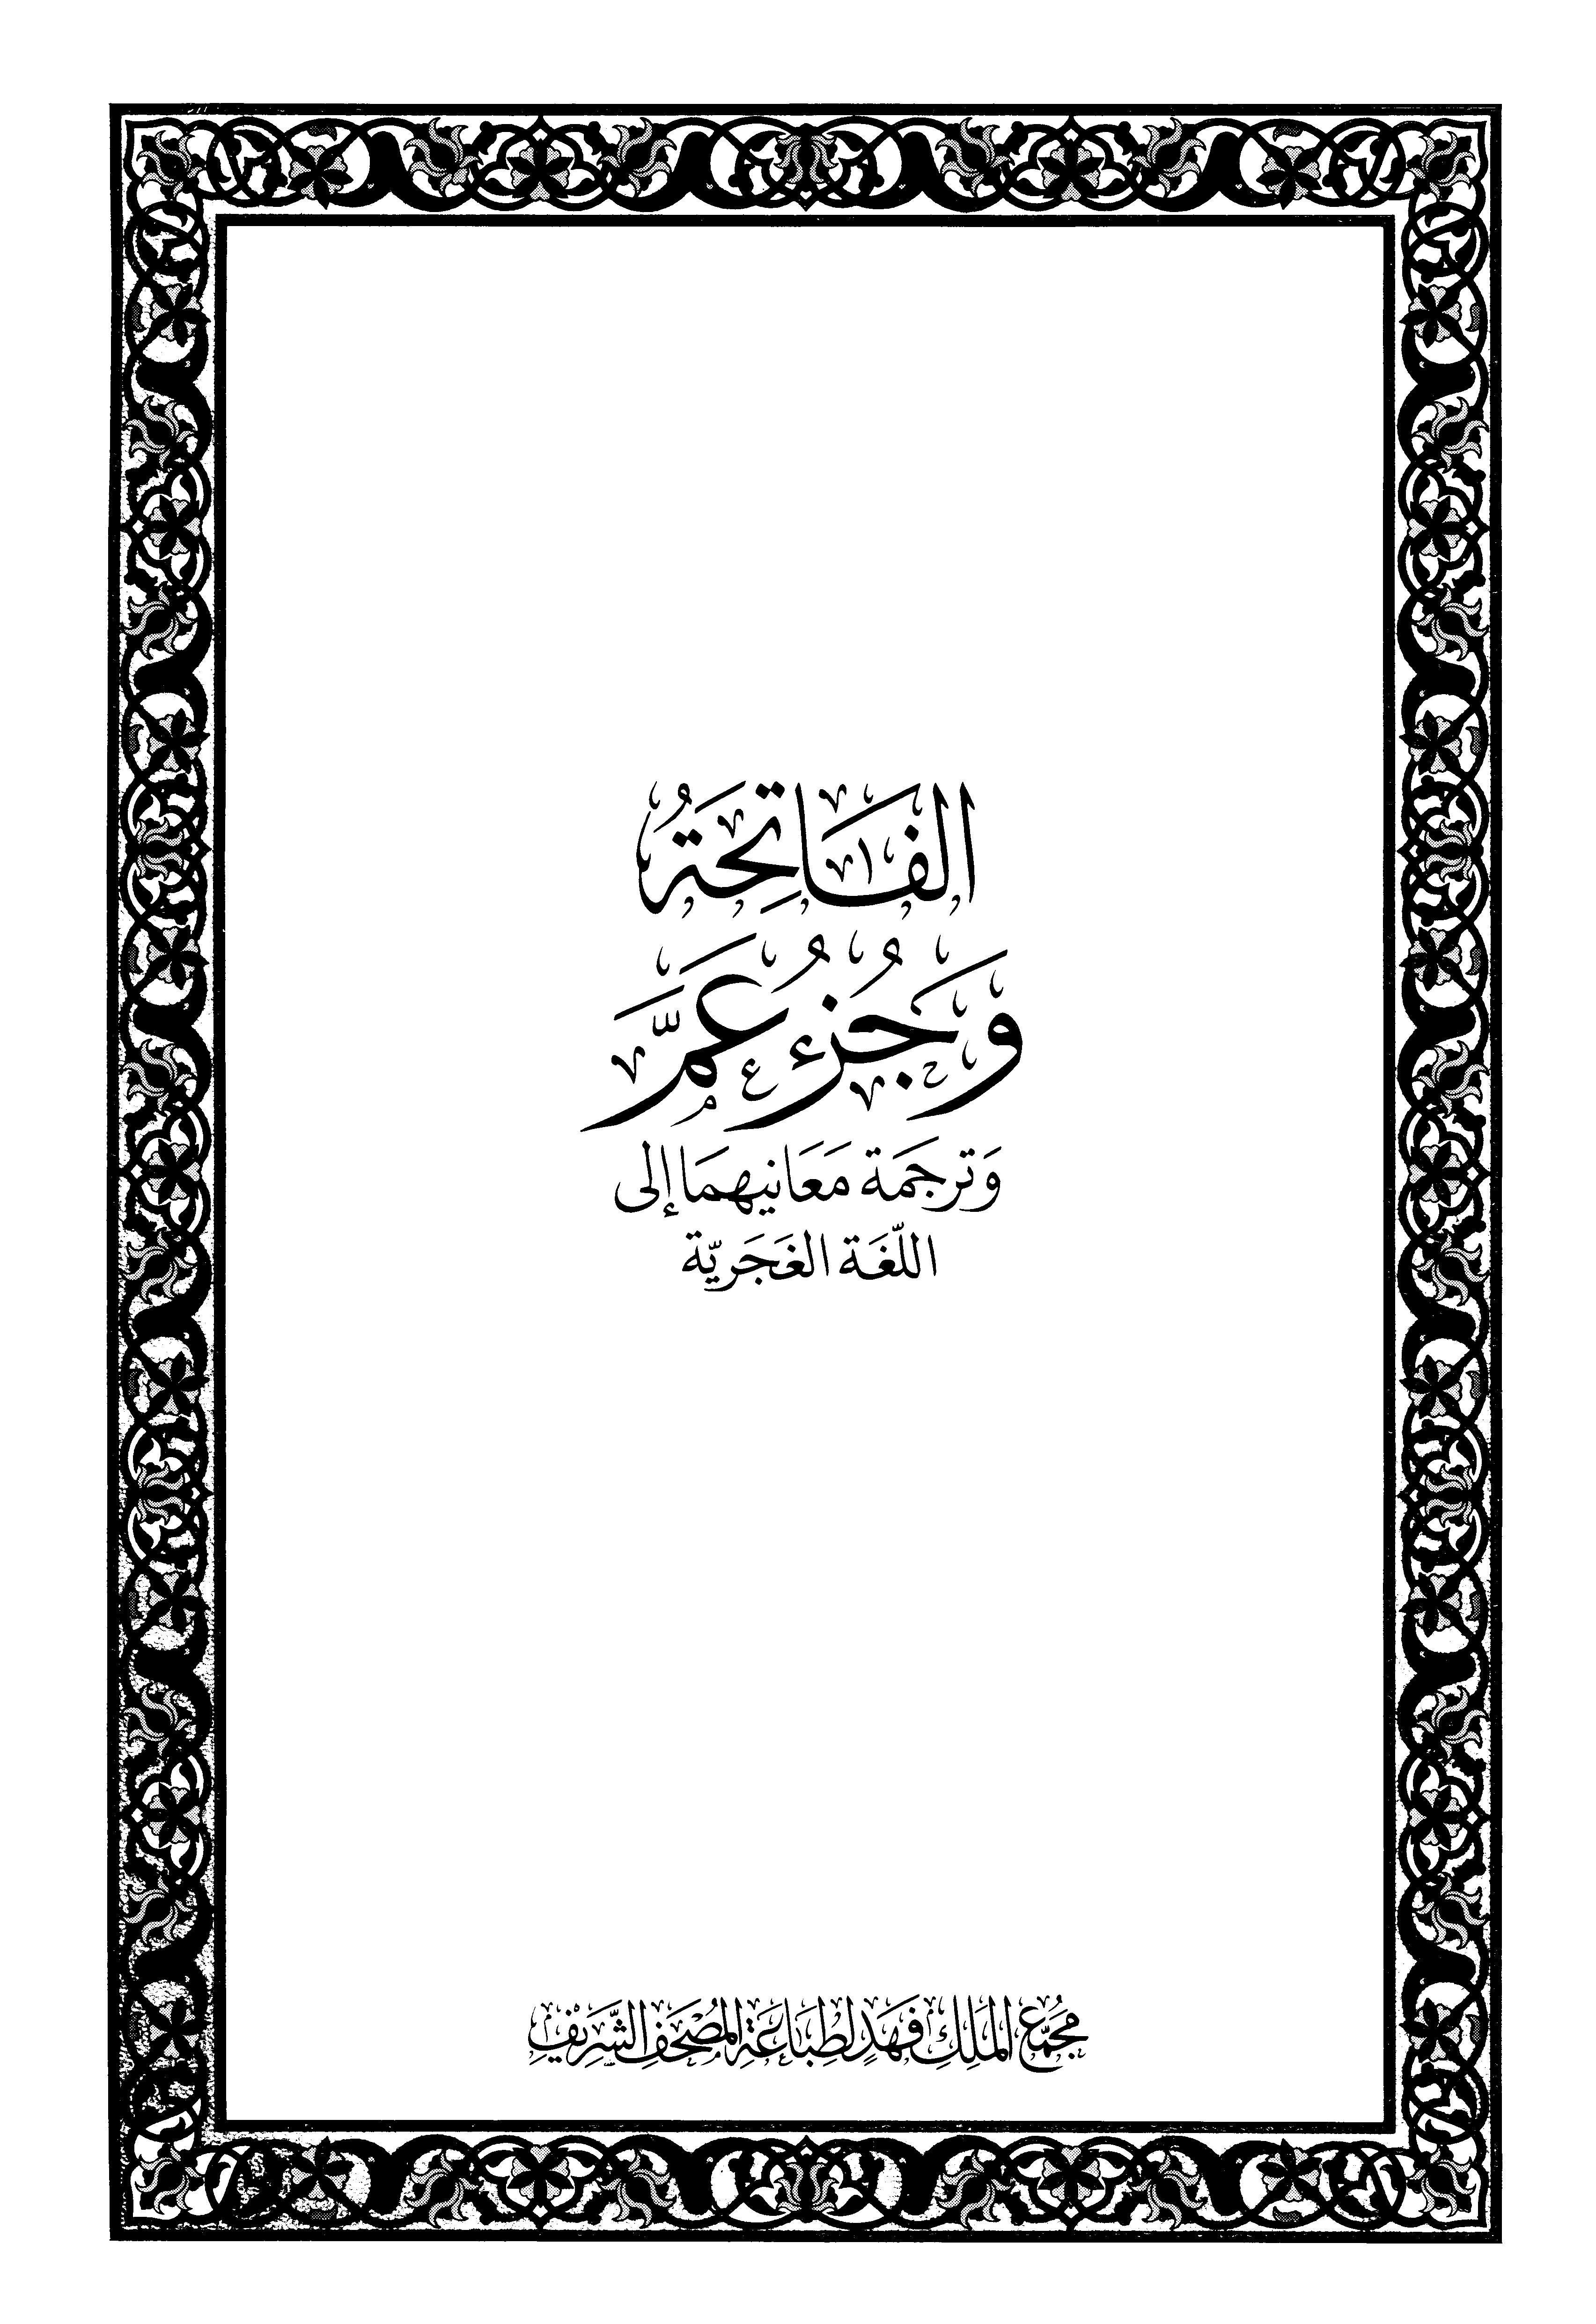 تحميل كتاب الفاتحة وجزء عم وترجمة معانيهما إلى اللغة الغجرية